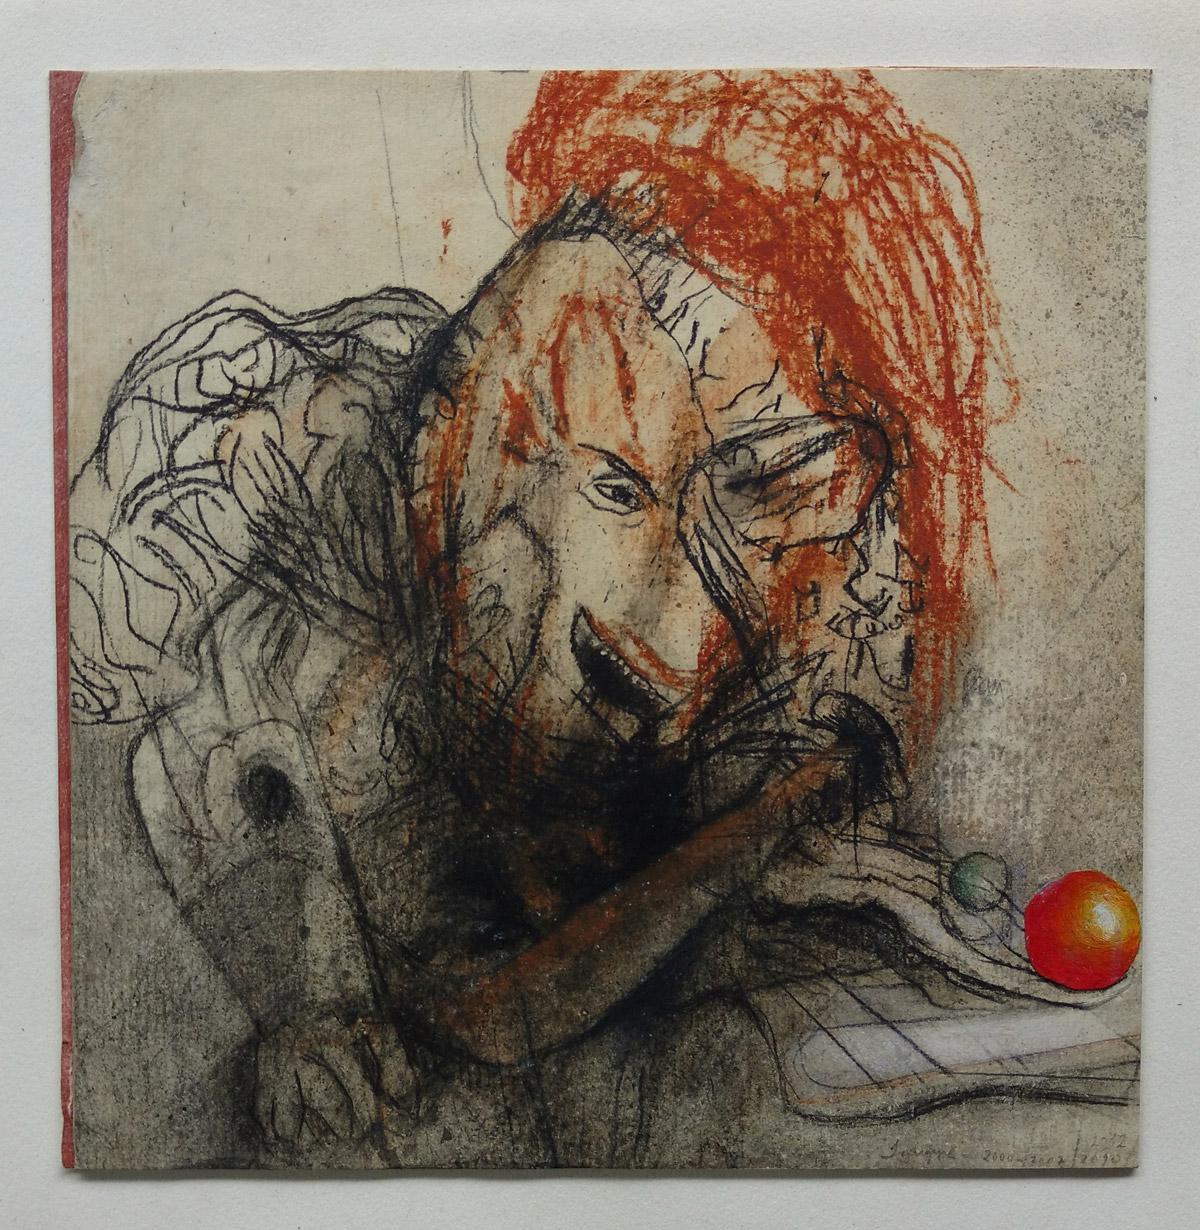 """""""s/ título""""  Mista s/ papel (carvão, terra e acrílica) - 2000-07-10-12 19X18,5 cm"""